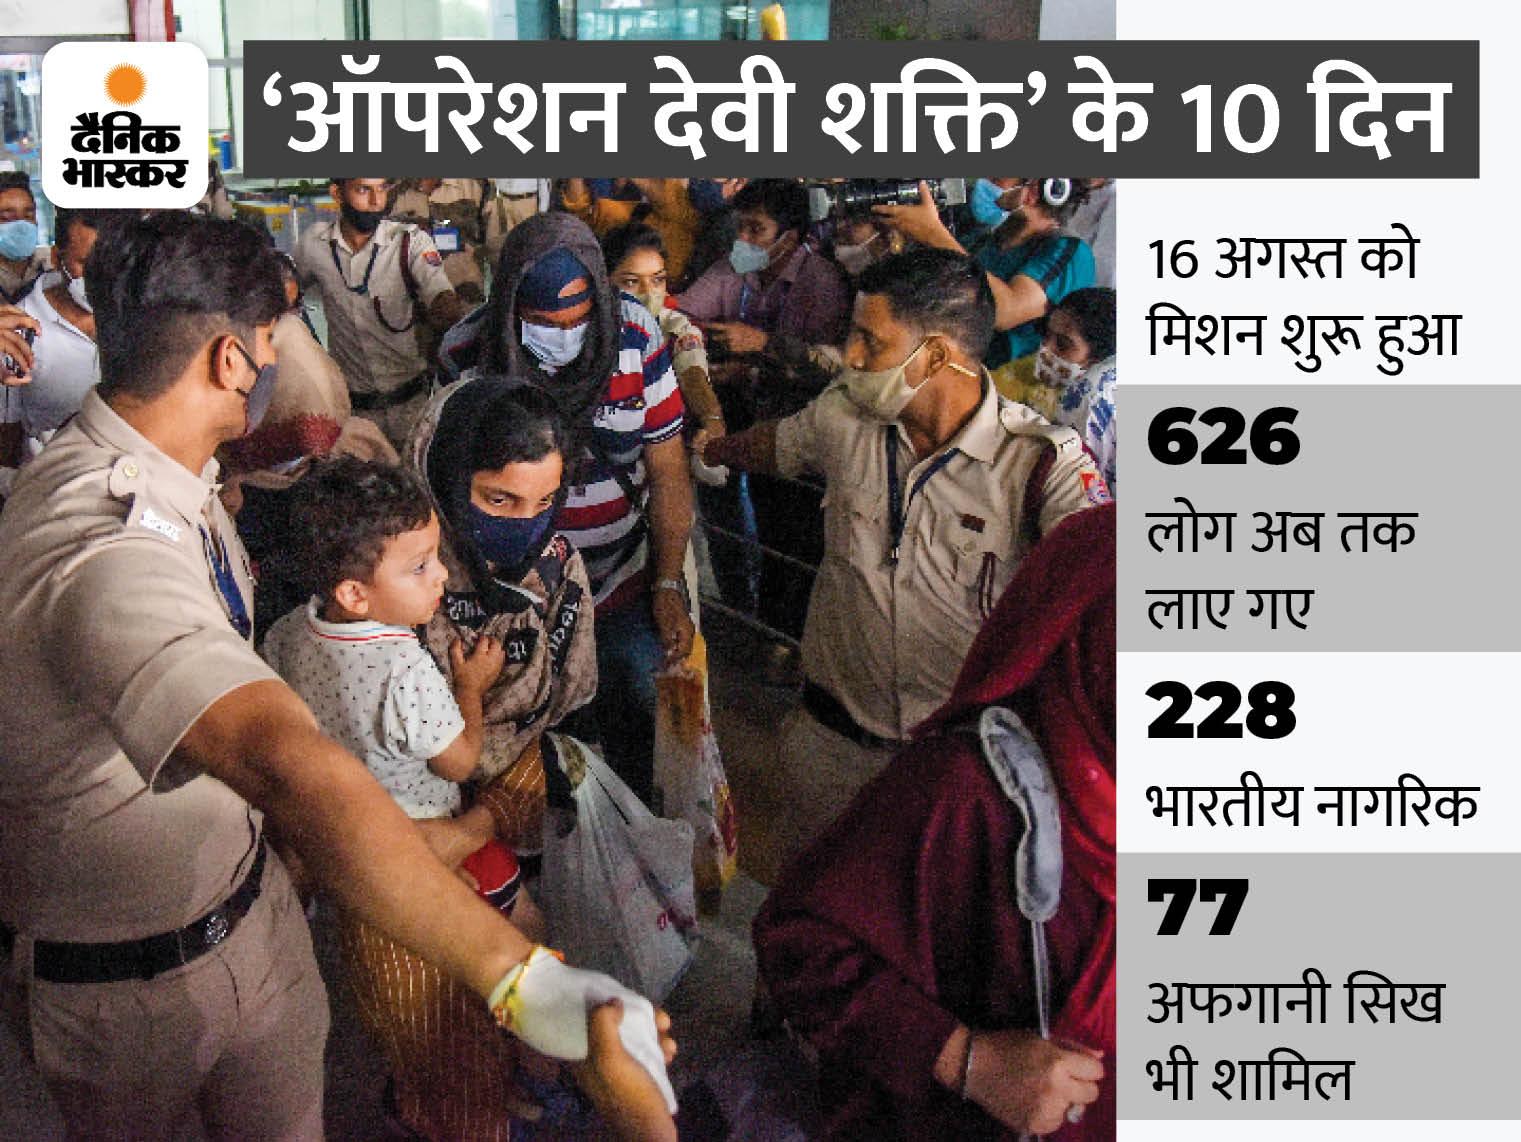 ITBP ने ट्वीट कर बताया- काबुल से भारत आए 78 लोगों में से एक भी यात्री कोरोना पॉजिटिव नहीं पाया गया, एहतियातन क्वारैंटाइन किया|देश,National - Dainik Bhaskar